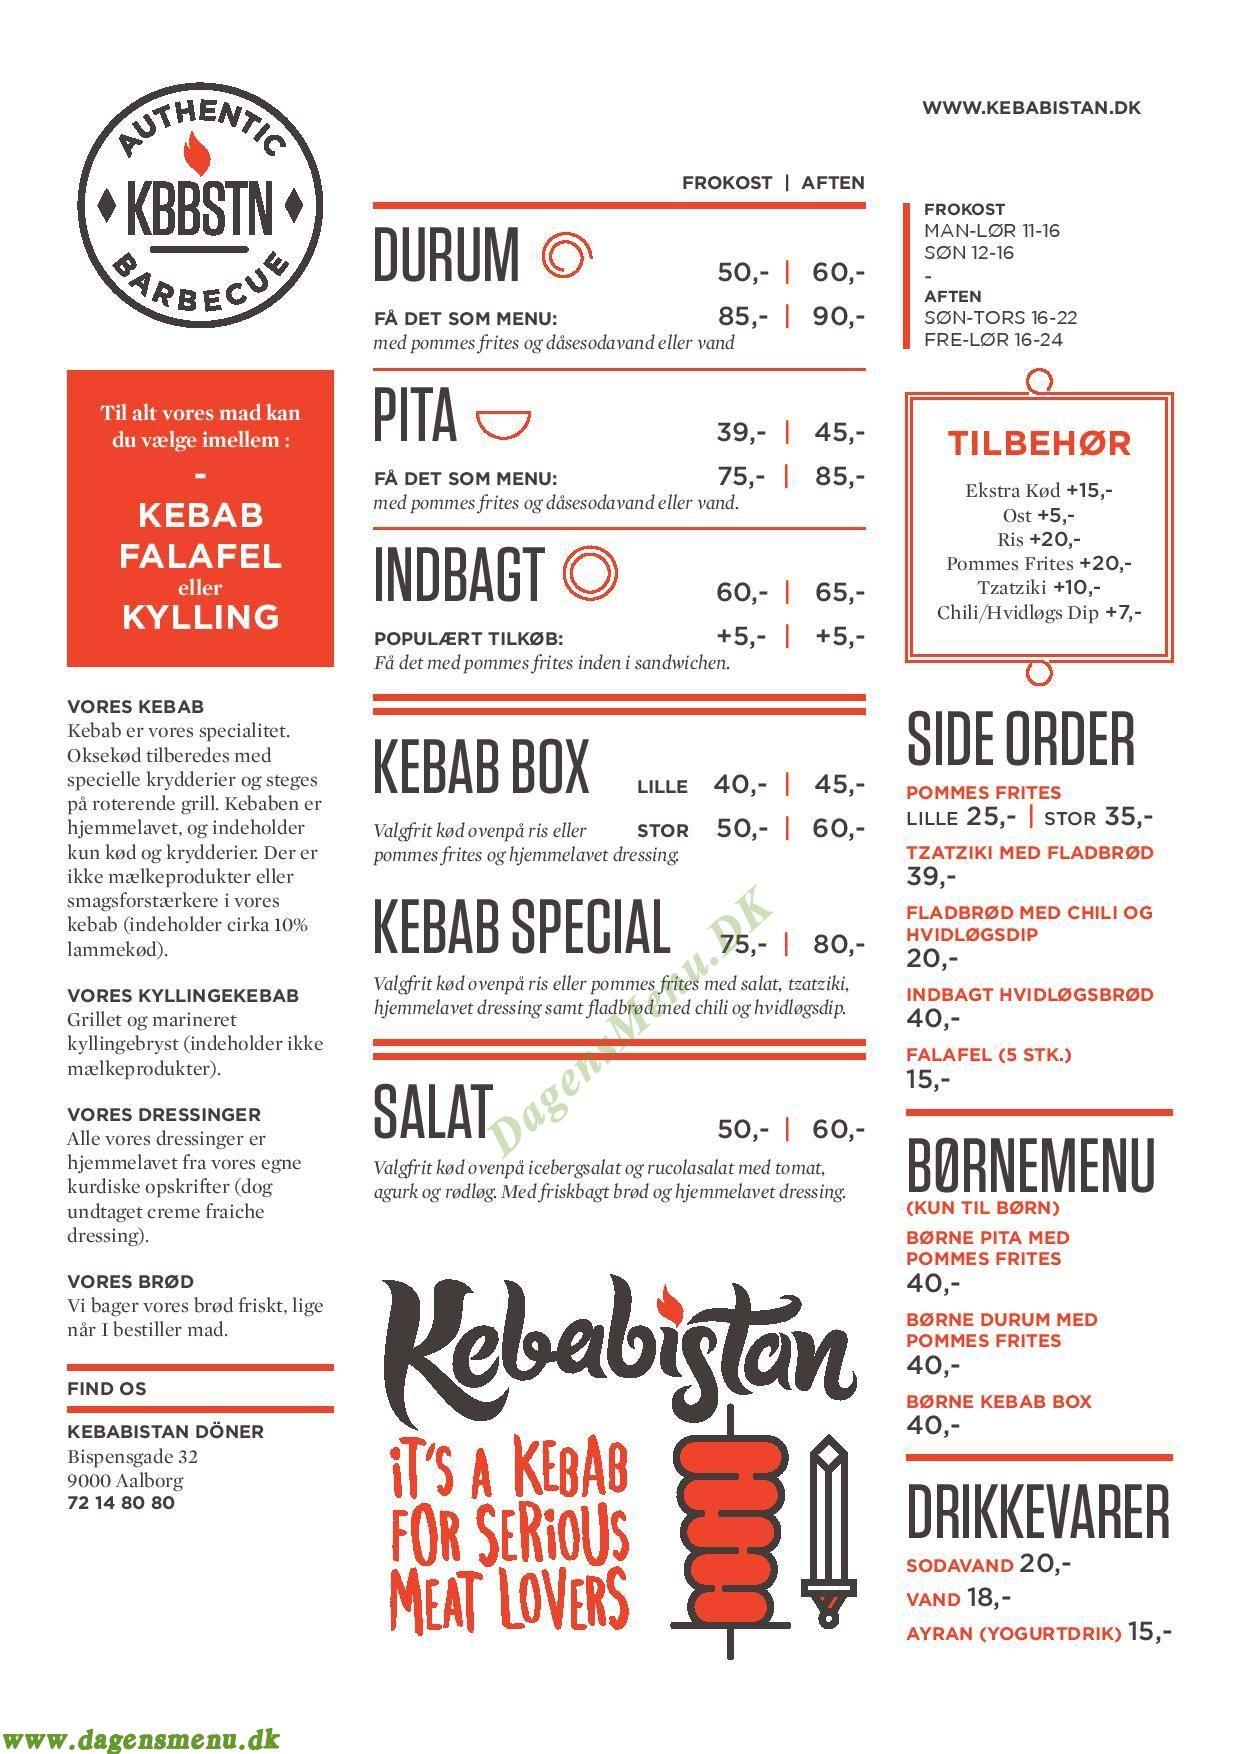 Kebabistan Barbeque - Menukort